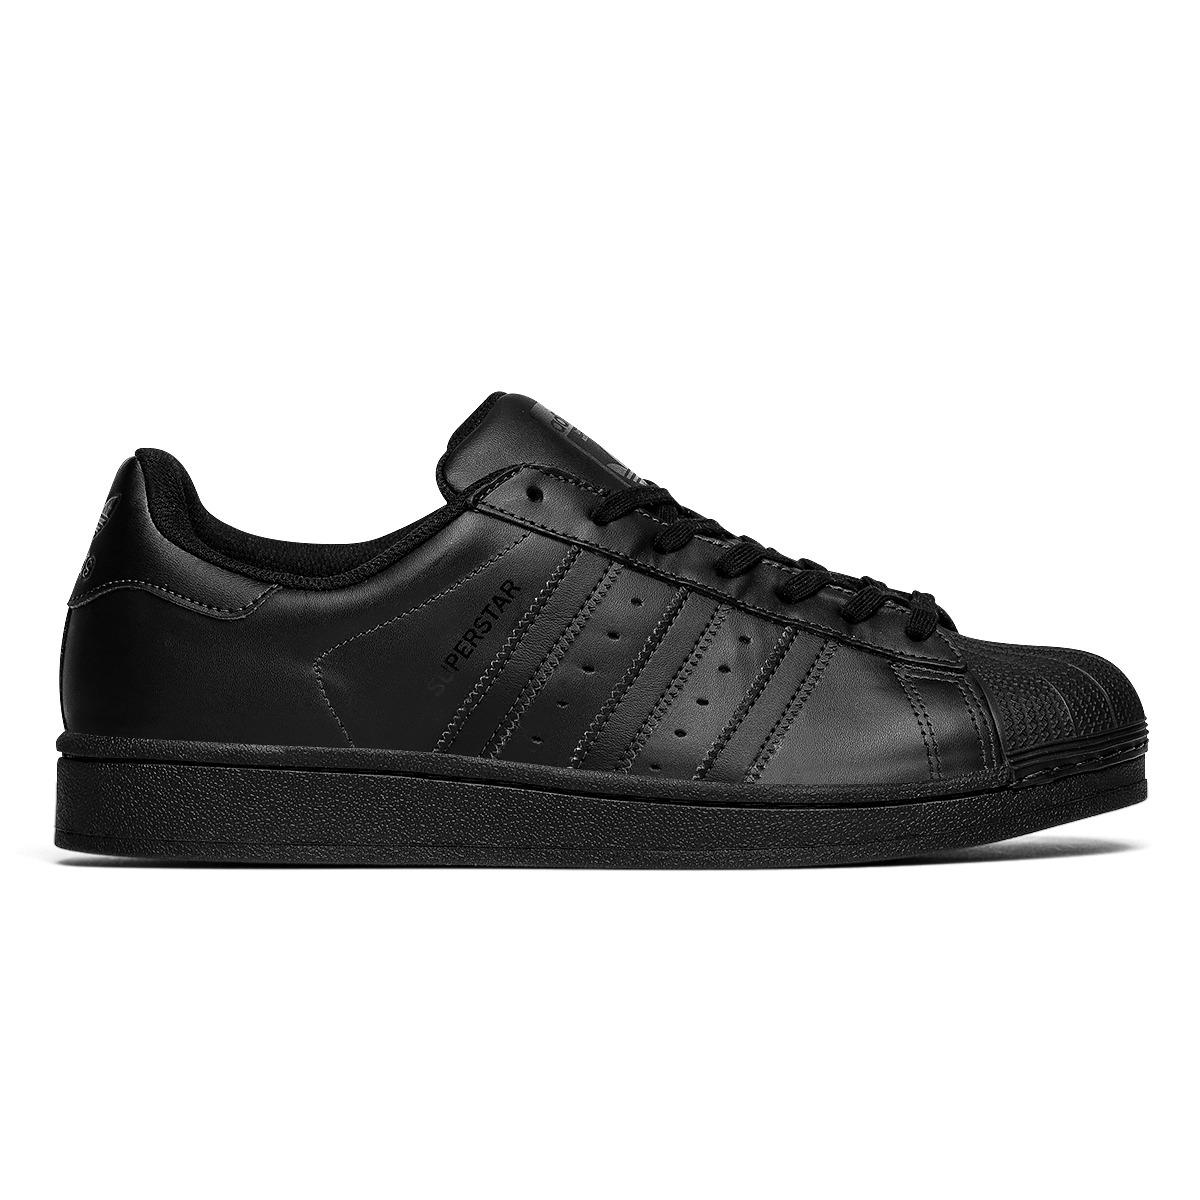 0938e3d4ef8 tênis adidas superstar foundation blac black 9630 original. Carregando zoom.